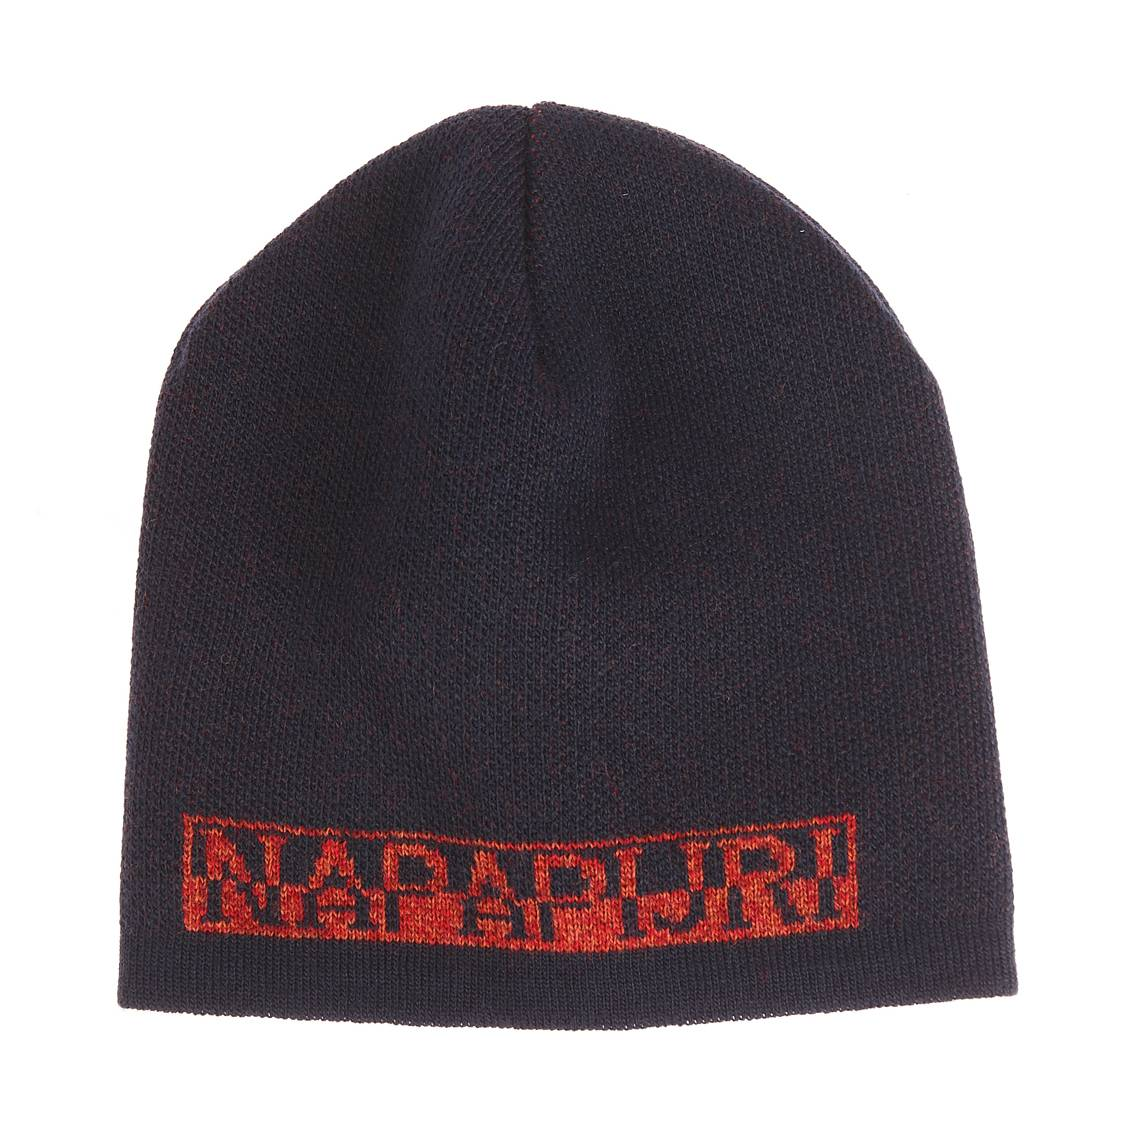 7da2631d645 1 · Box Napapijri avec un bonnet et une echarpe bleu marine et orange ...